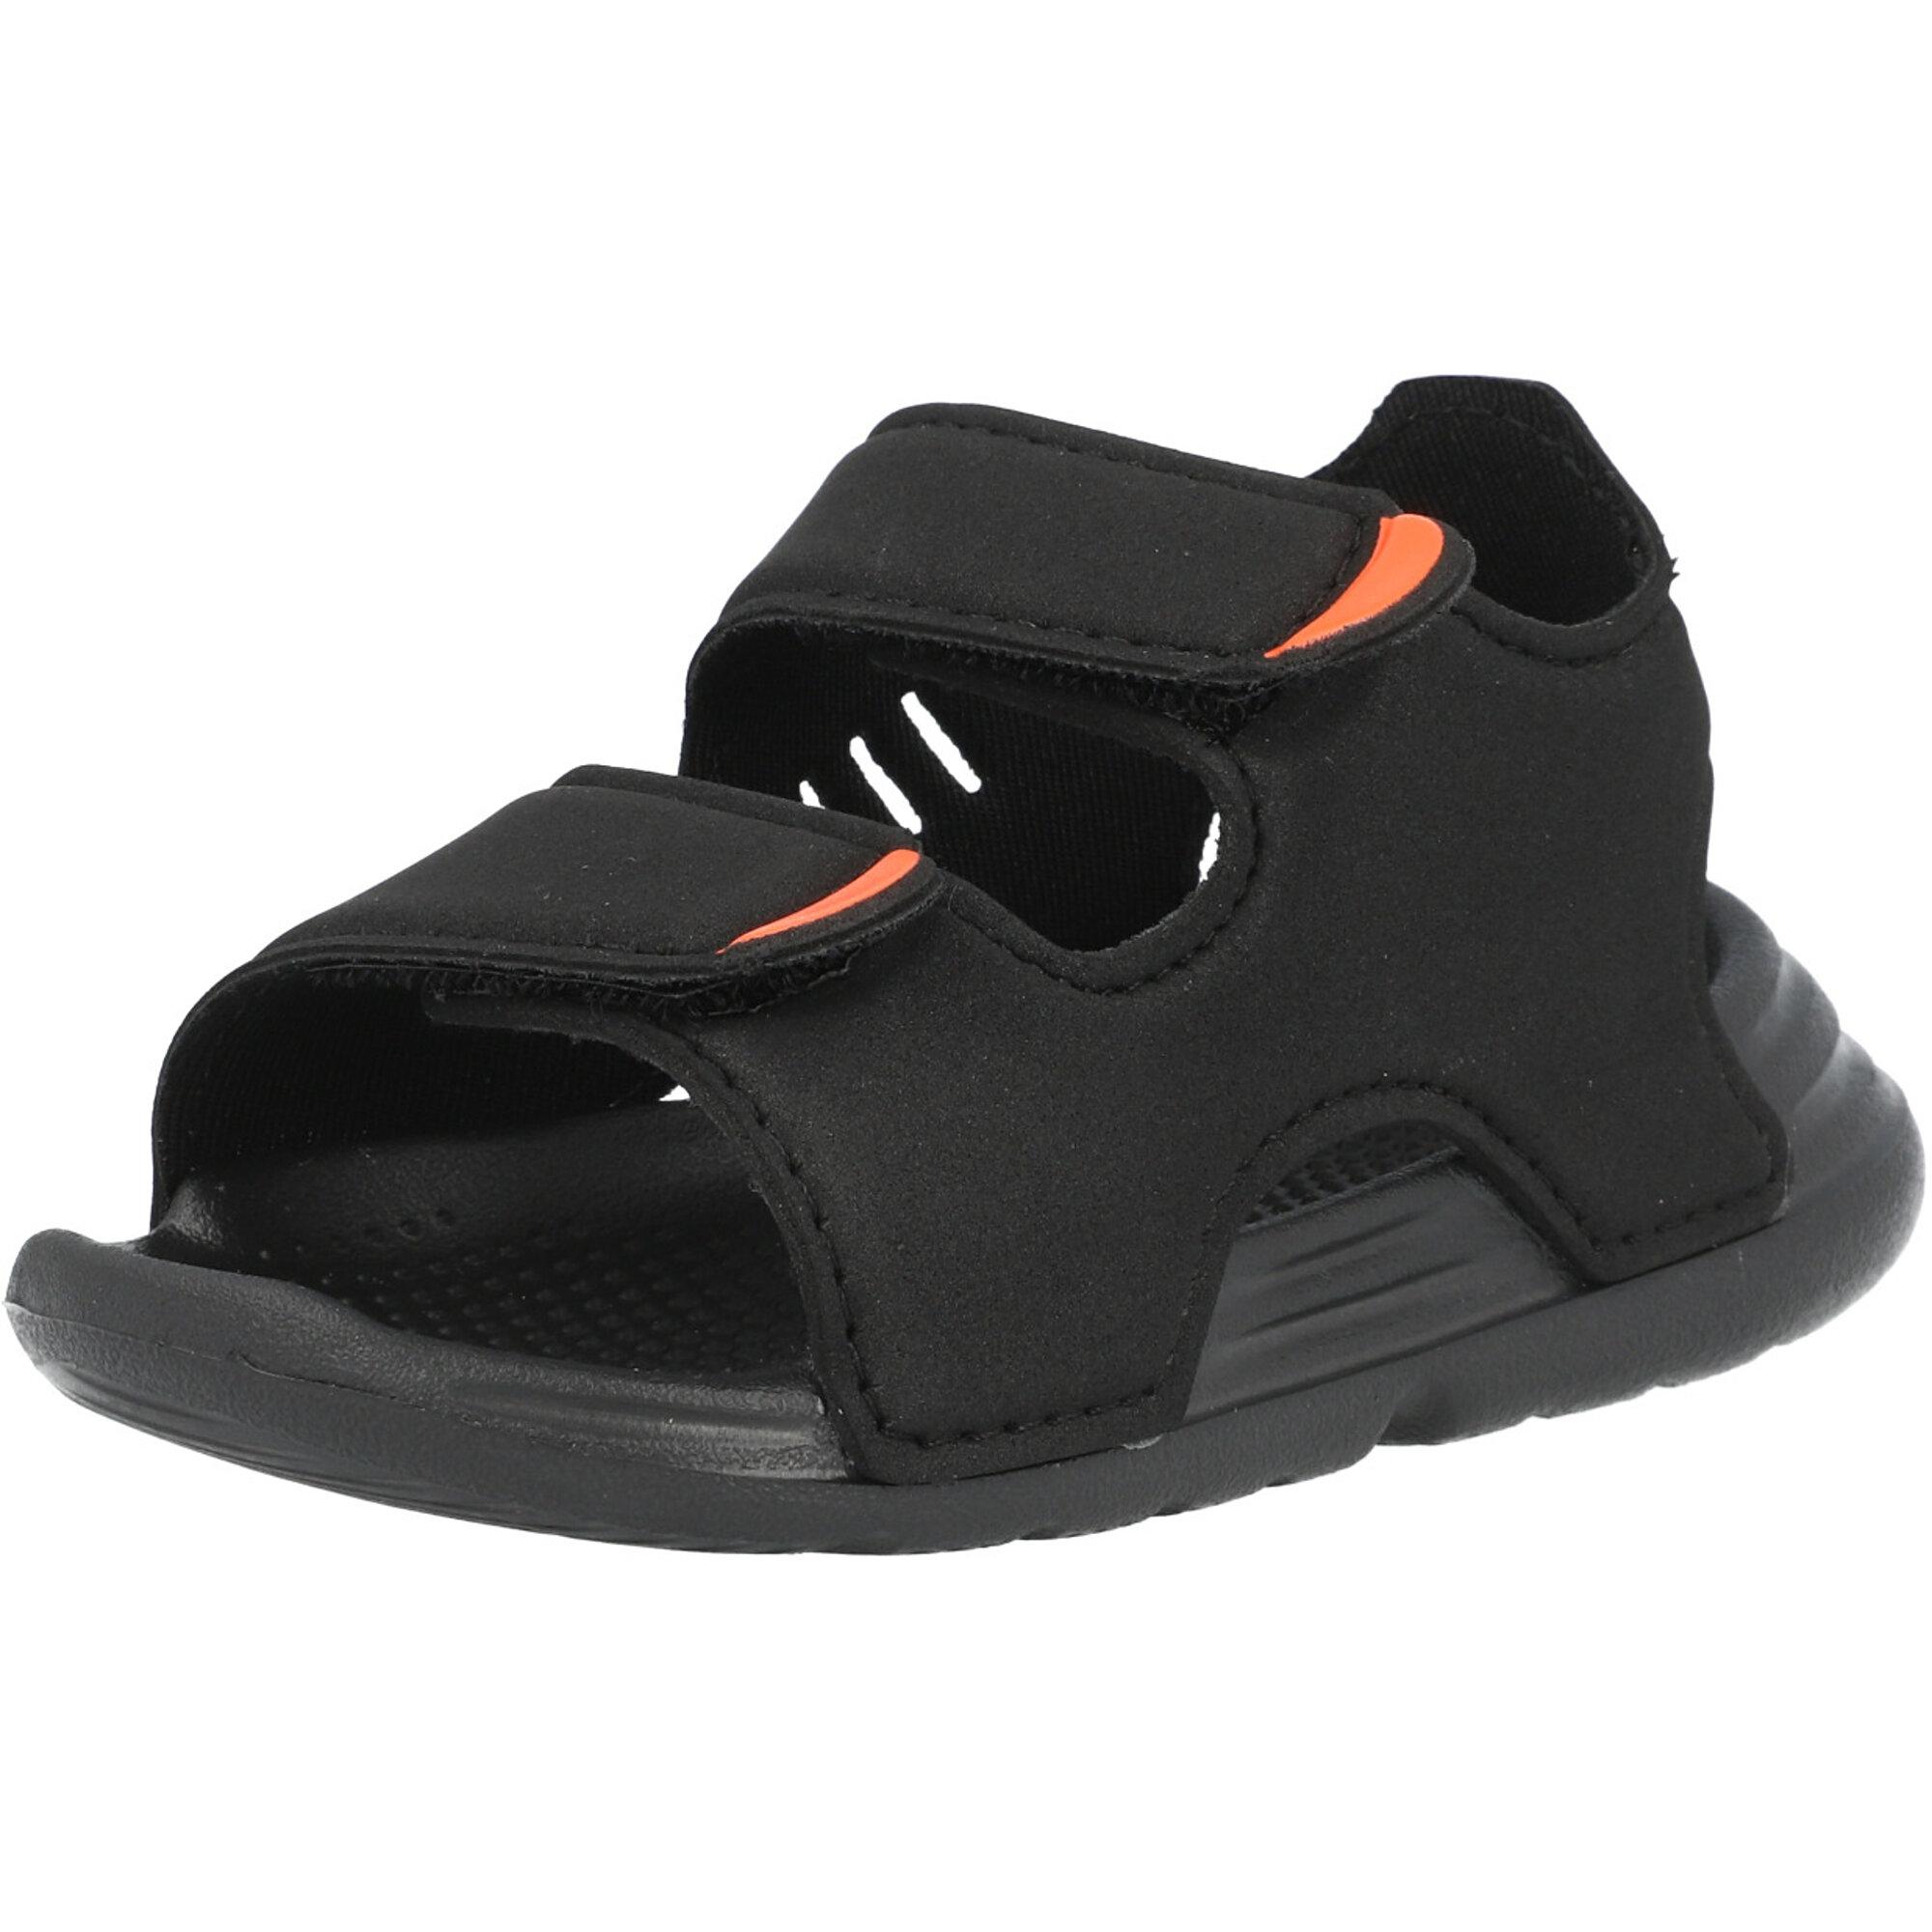 adidas Swim Sandal I Core Black/White Synthetic